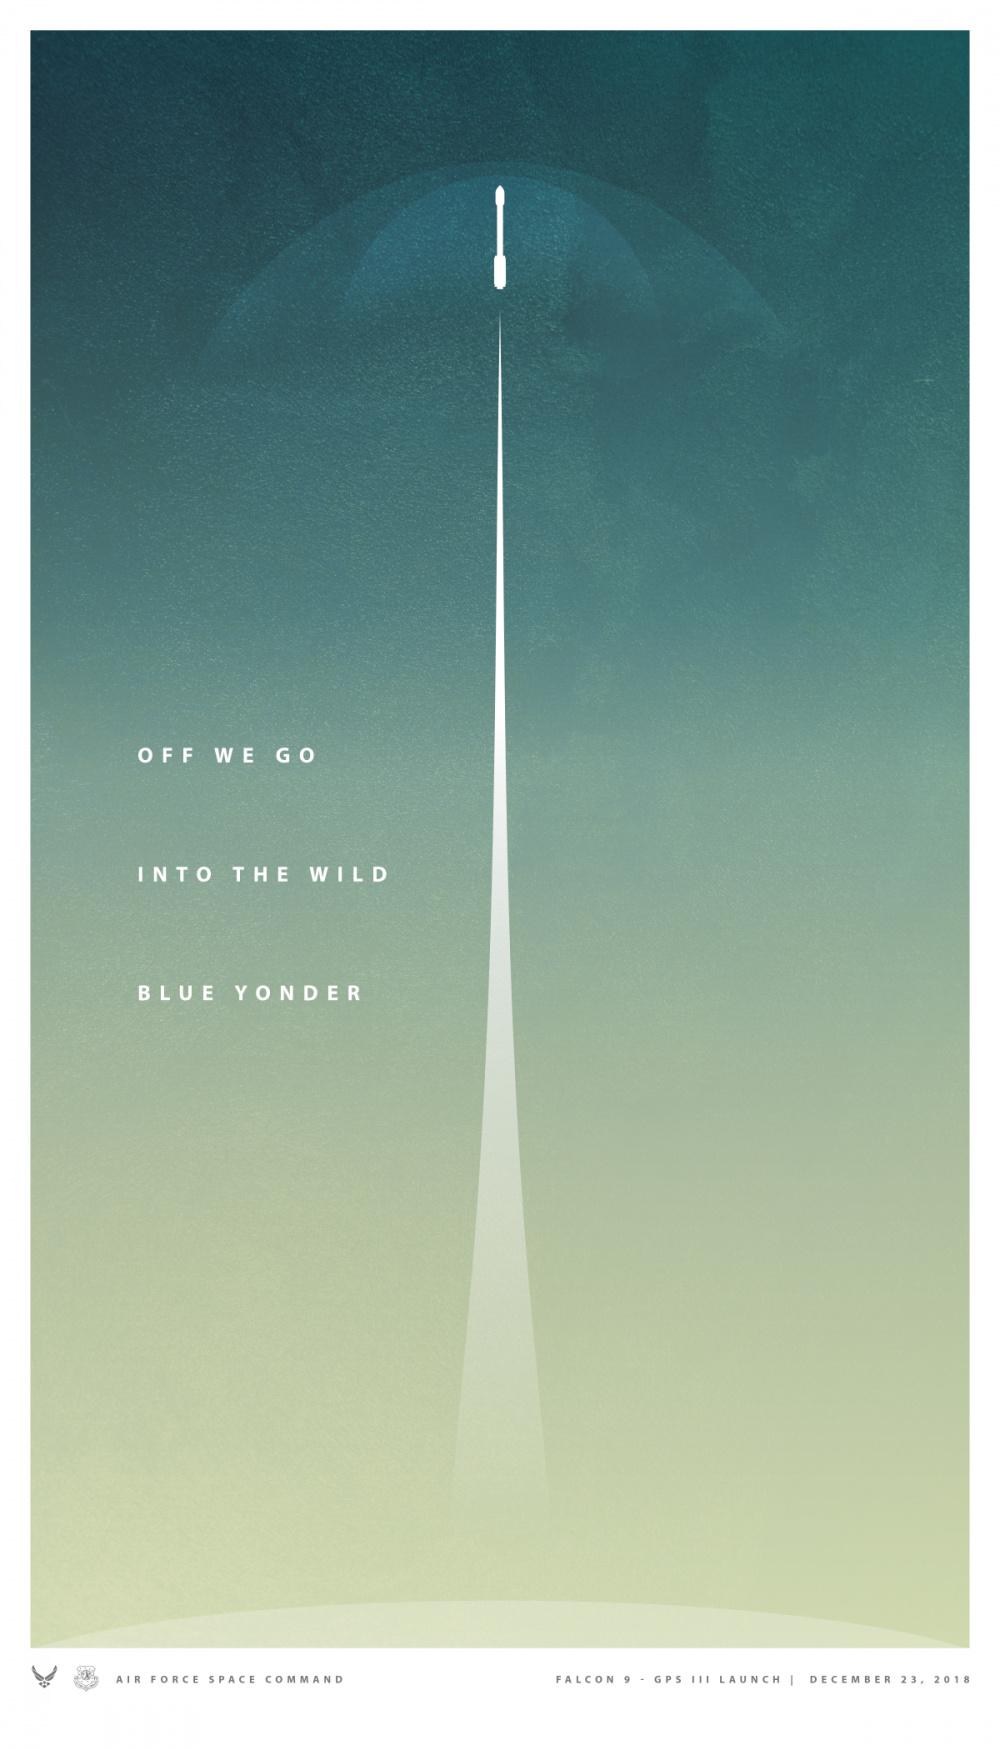 Falcon 9 - GPS III Launch Commemorative Poster - 300 DPI